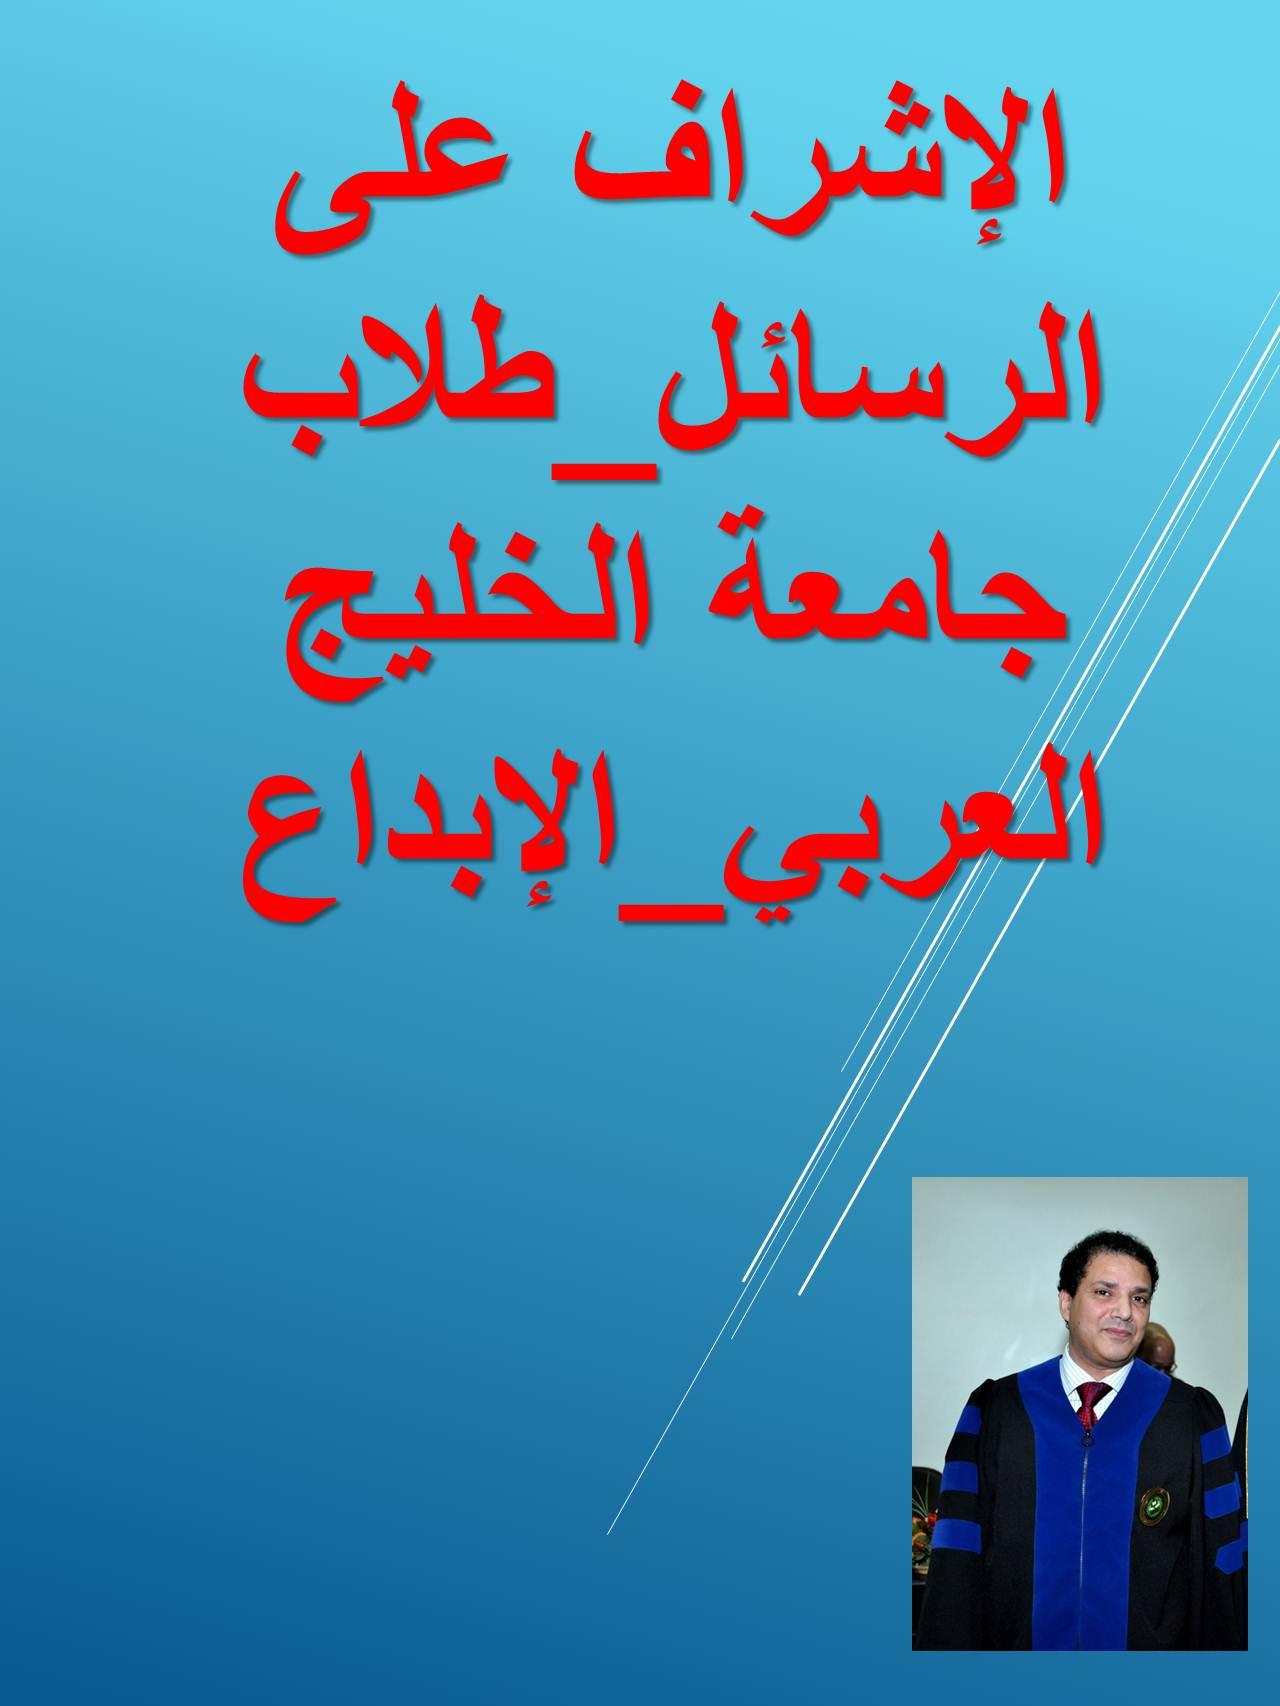 الإشراف_طلاب جامعة الخليج العربي_الإبداع